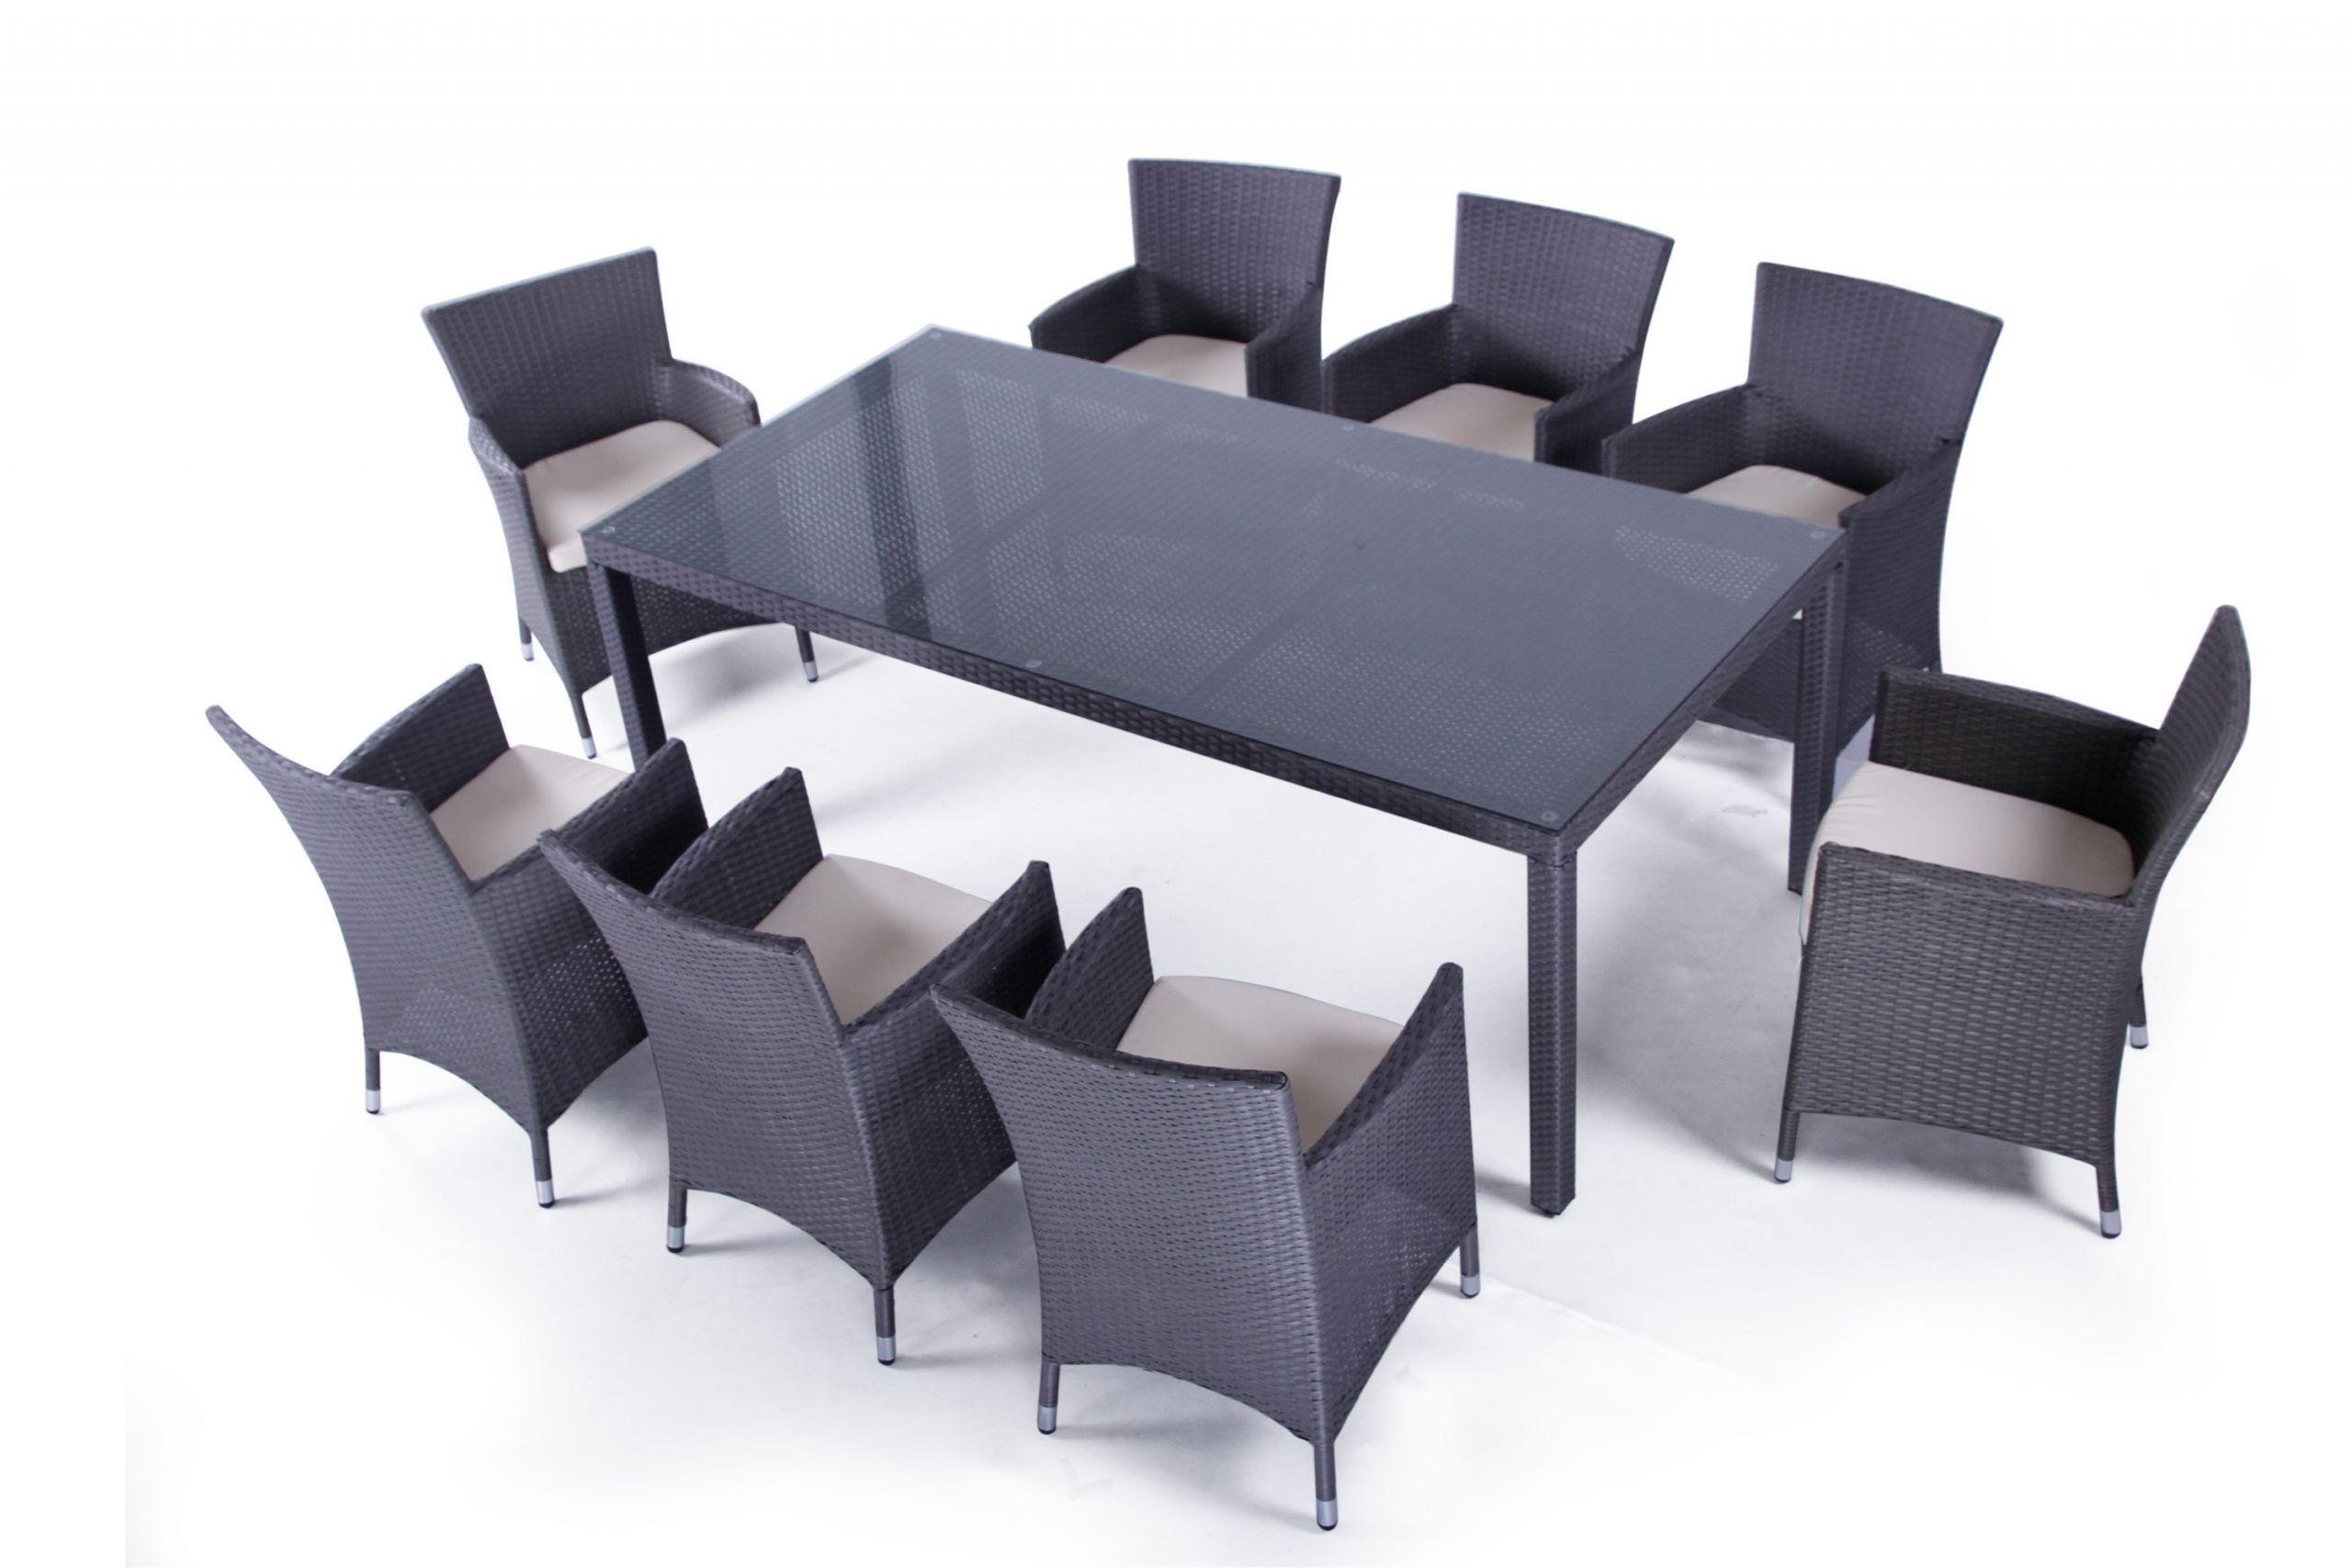 salon de jardin plet pas cher beau table et chaise pour terrasse pas cher de salon de jardin plet pas cher 1 scaled